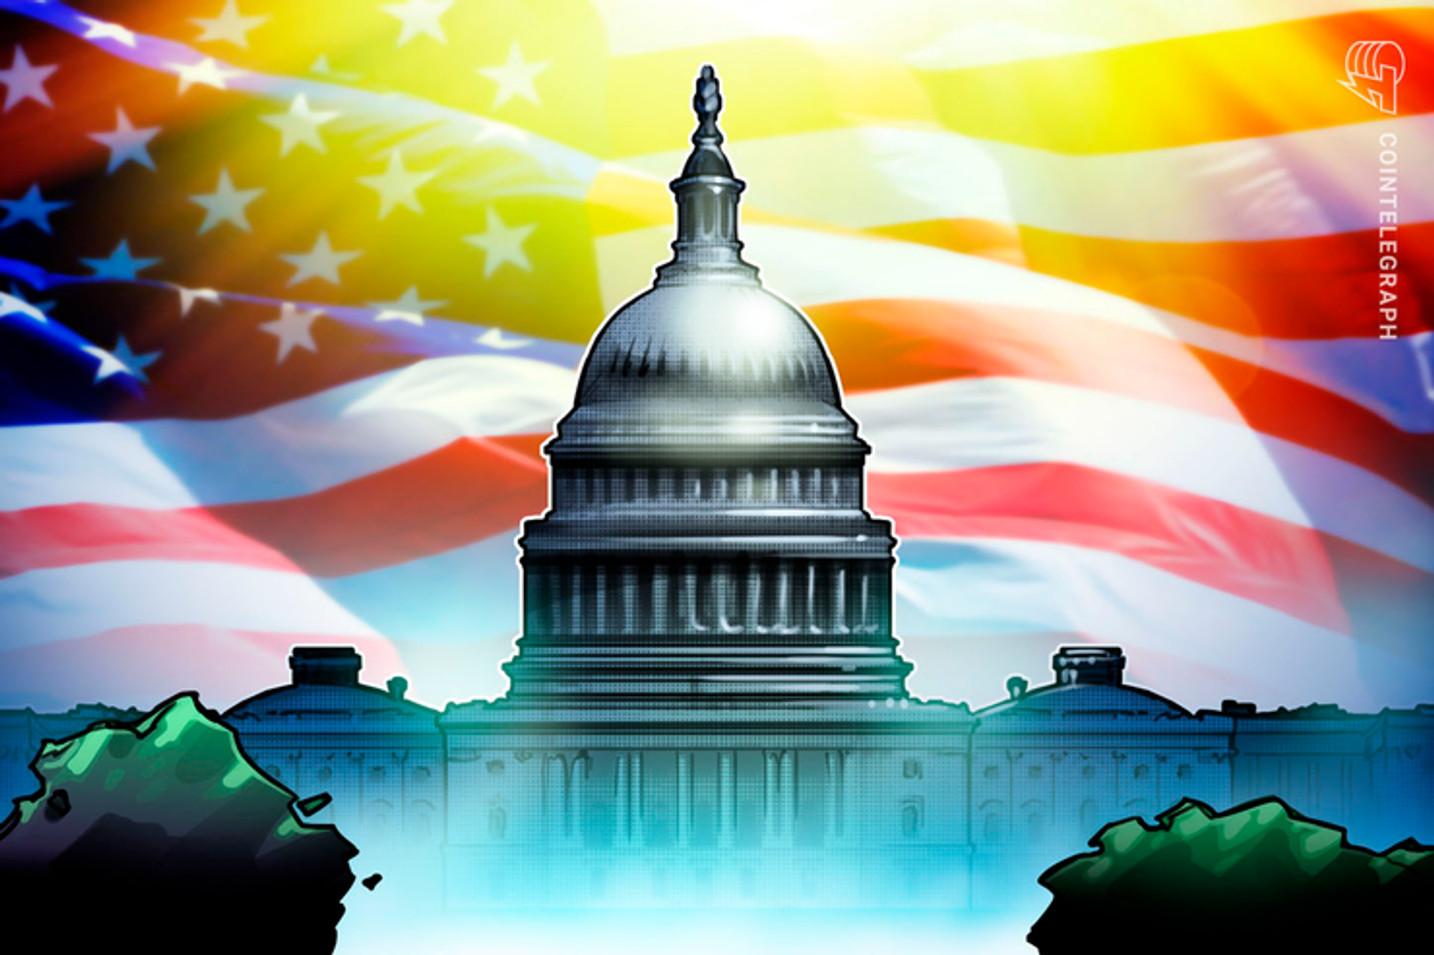 トランプ弾劾は無罪評決、支持率は自己ベスト記録|民主党はブーメラン食らう可能性